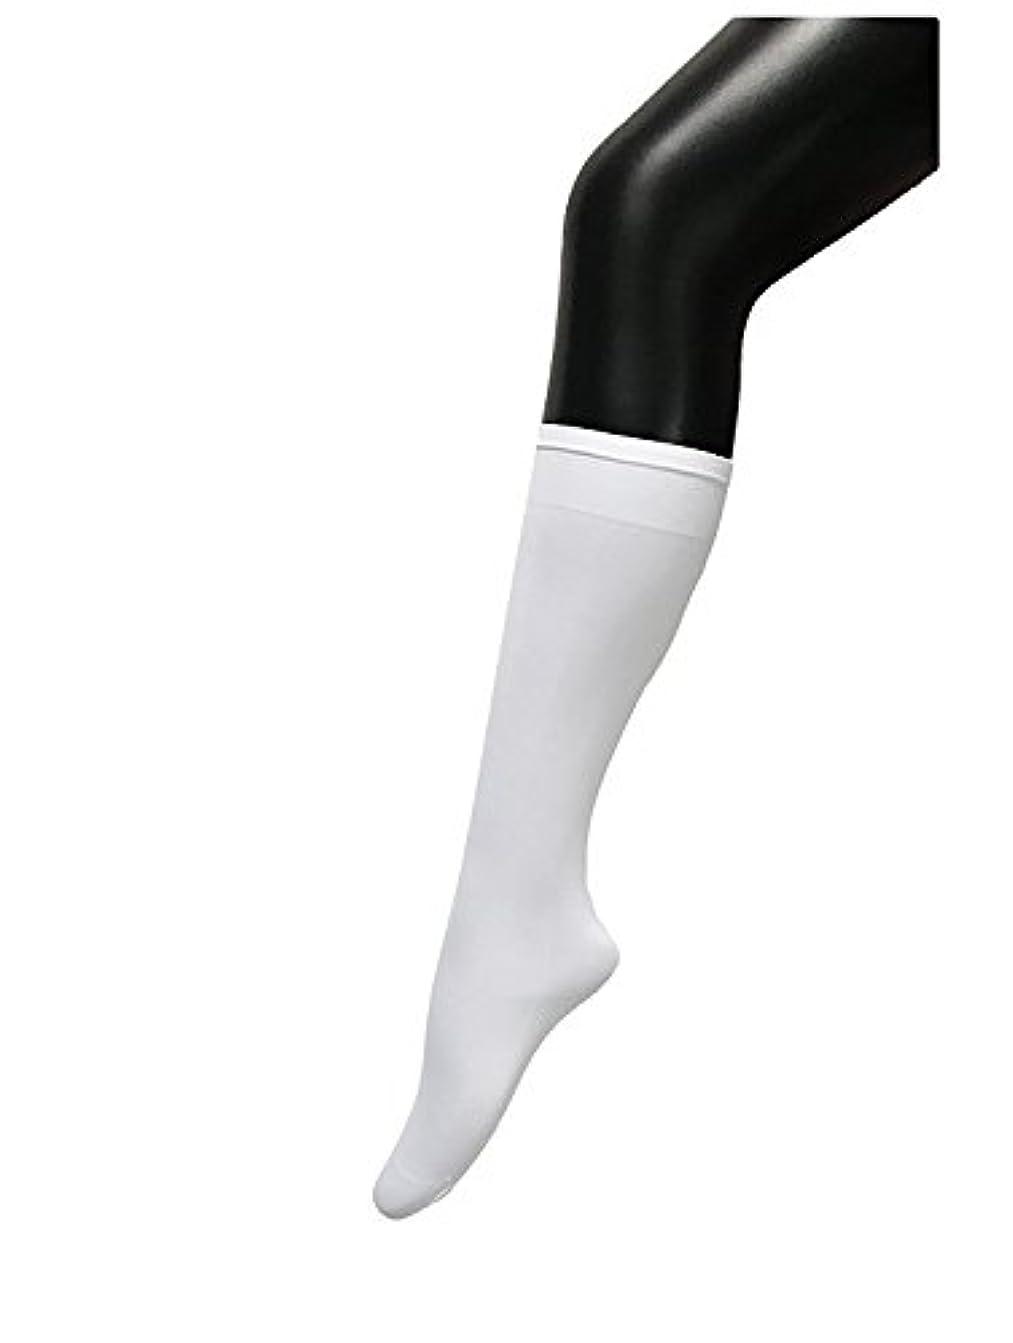 測定経営者遠いCOSCO ストッキング ソックス ニーソックス 膝下タイプ 着圧 美脚 40CM